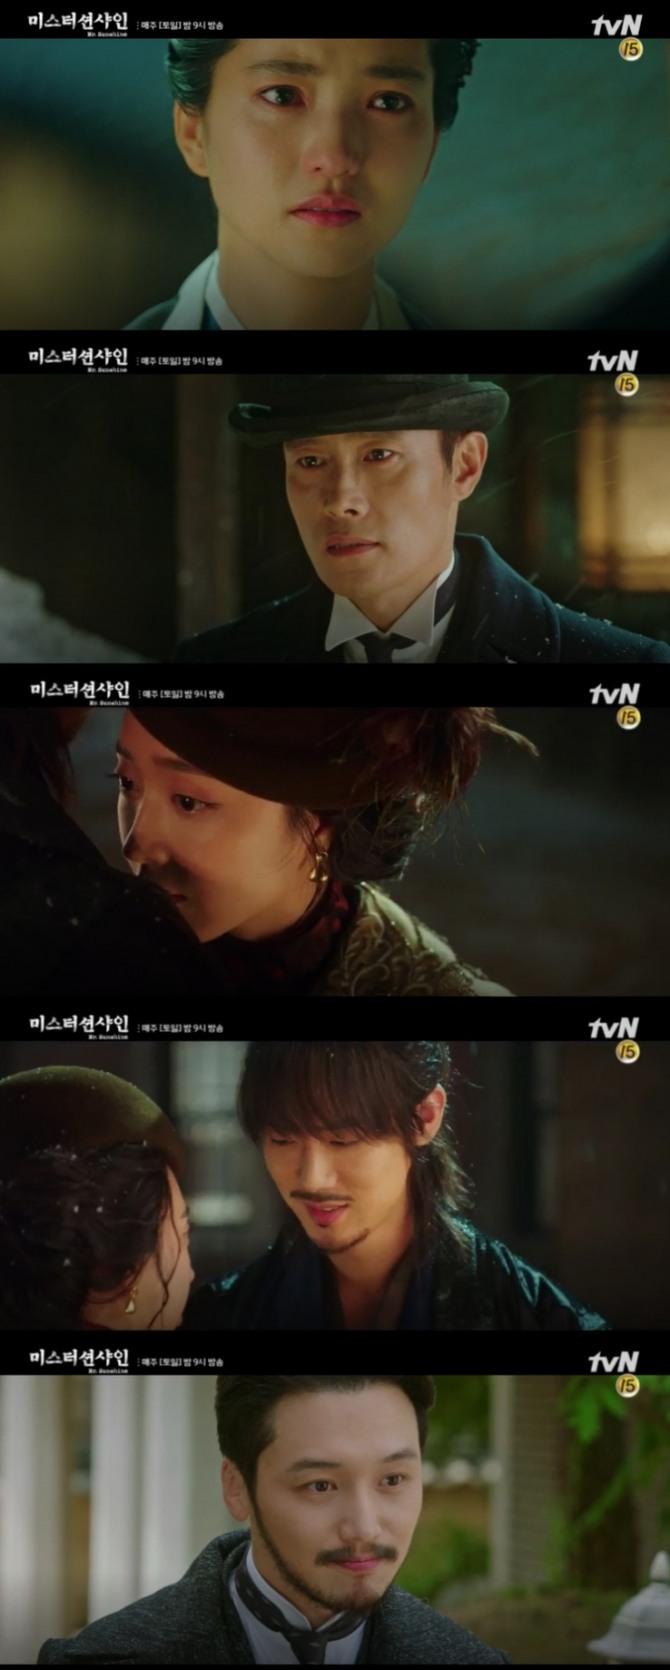 11일 오후 방송되는 tvN 토일드라마 '미스터 션샤인' 11회에서는 우연히 만난 애신(김태리)과 유진(이병헌)이 끝내 작별하는 반전이 그려진다. 사진=tvN 영상 캡처